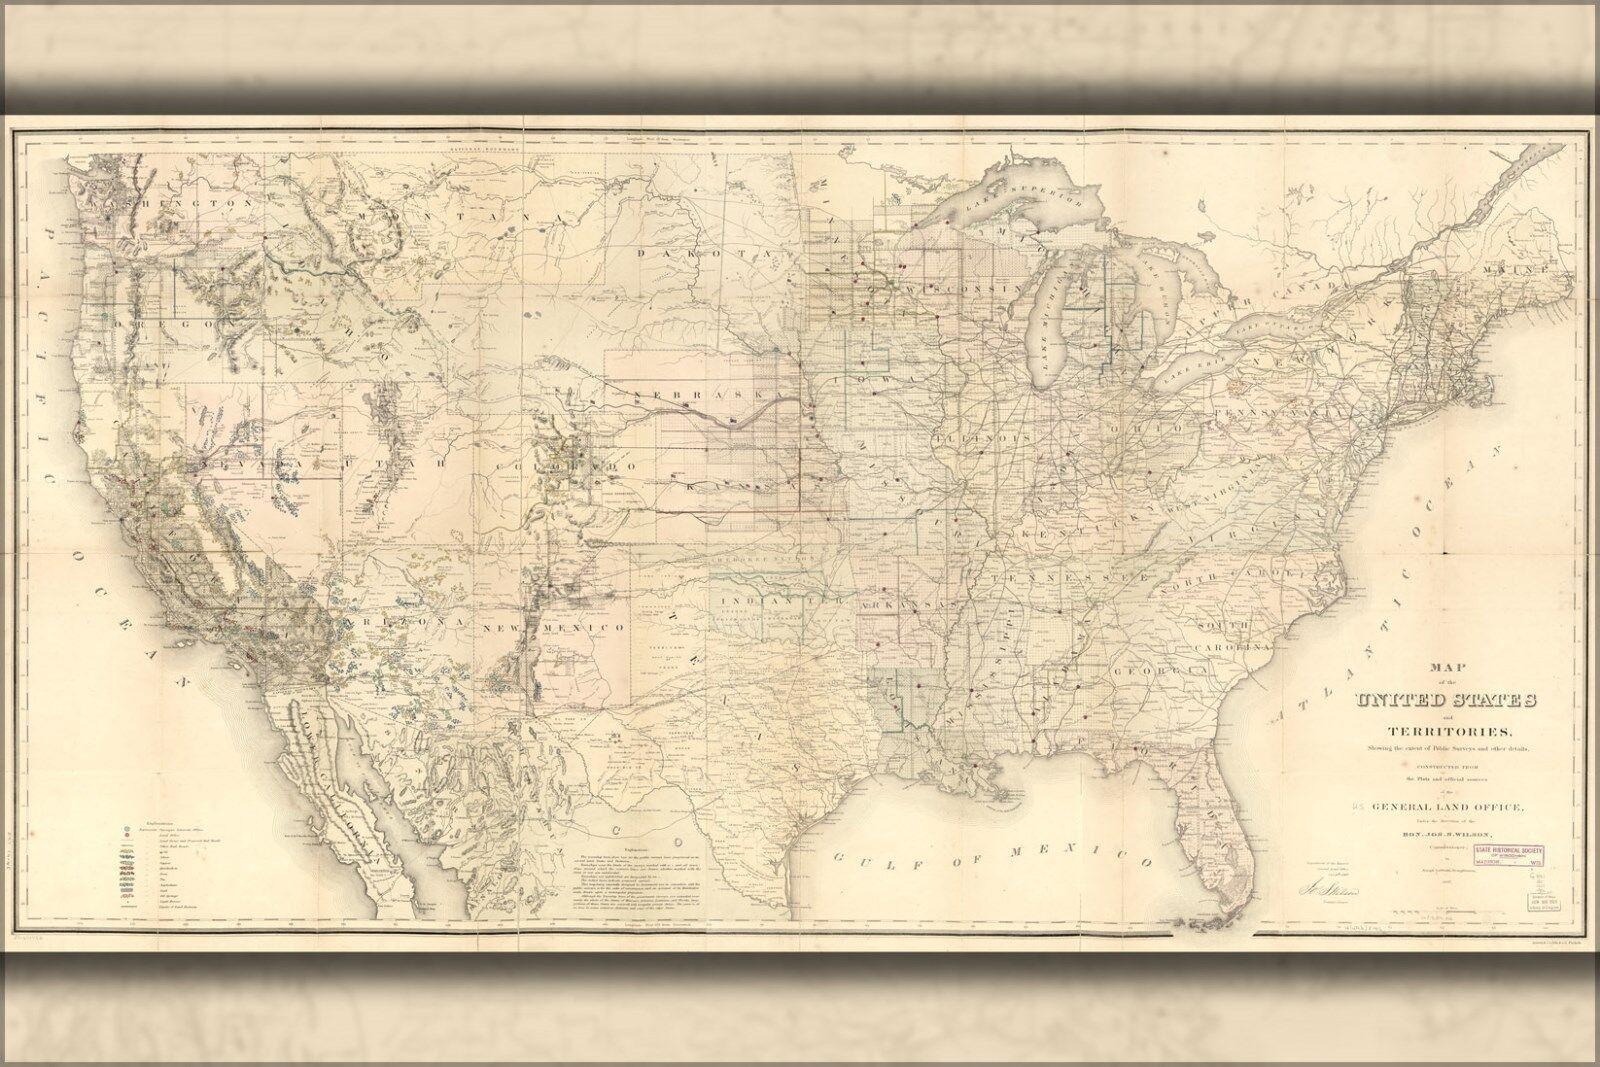 Plakat, Viele Größen; Landkarte der Vereinigte Staaten 1867 P2